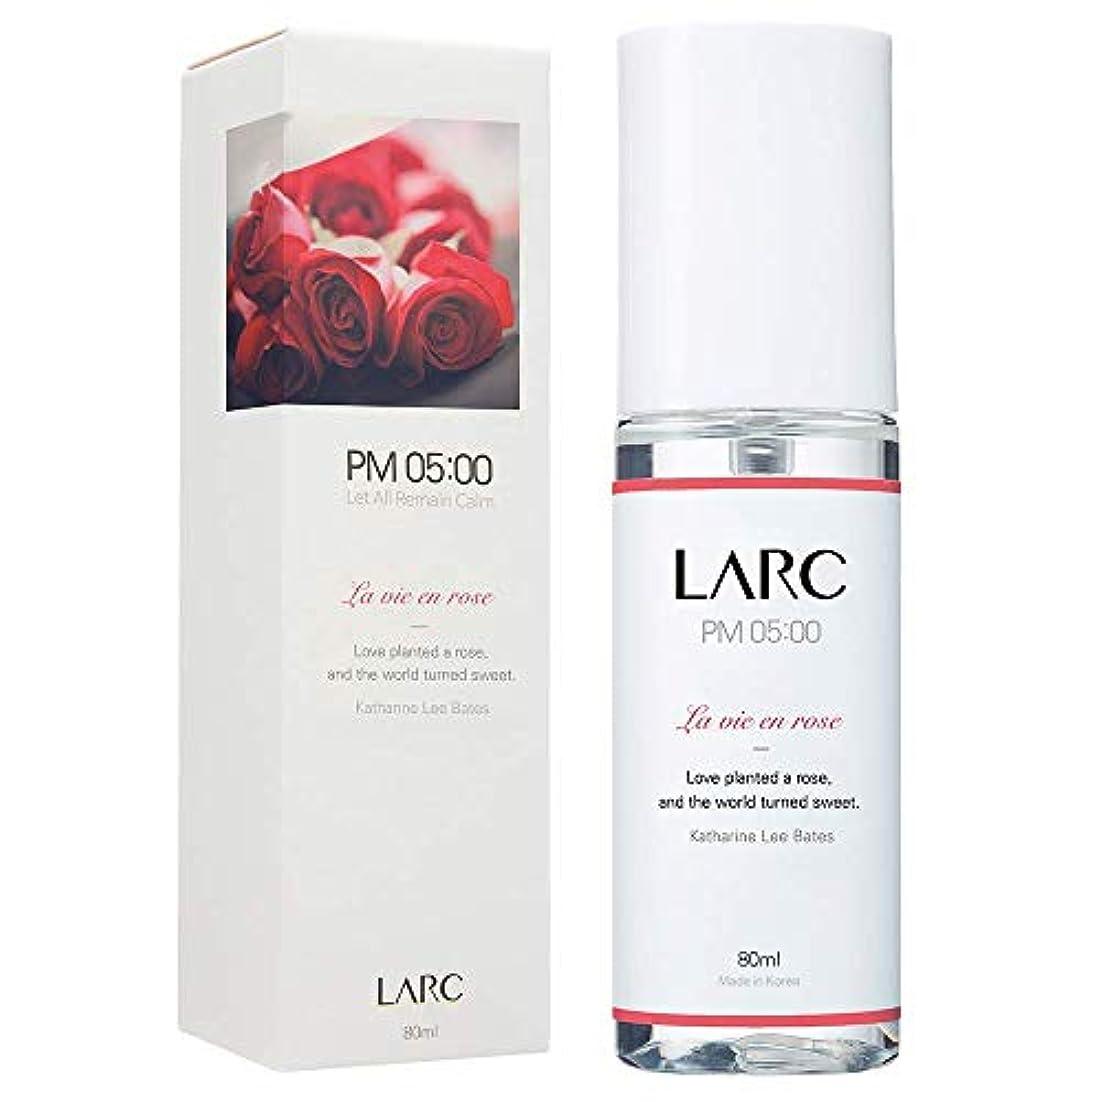 平和レッスン勝つLARC ボディミスト 80ml (PM05:00 ラヴィアンローズ、午後5時の香り)